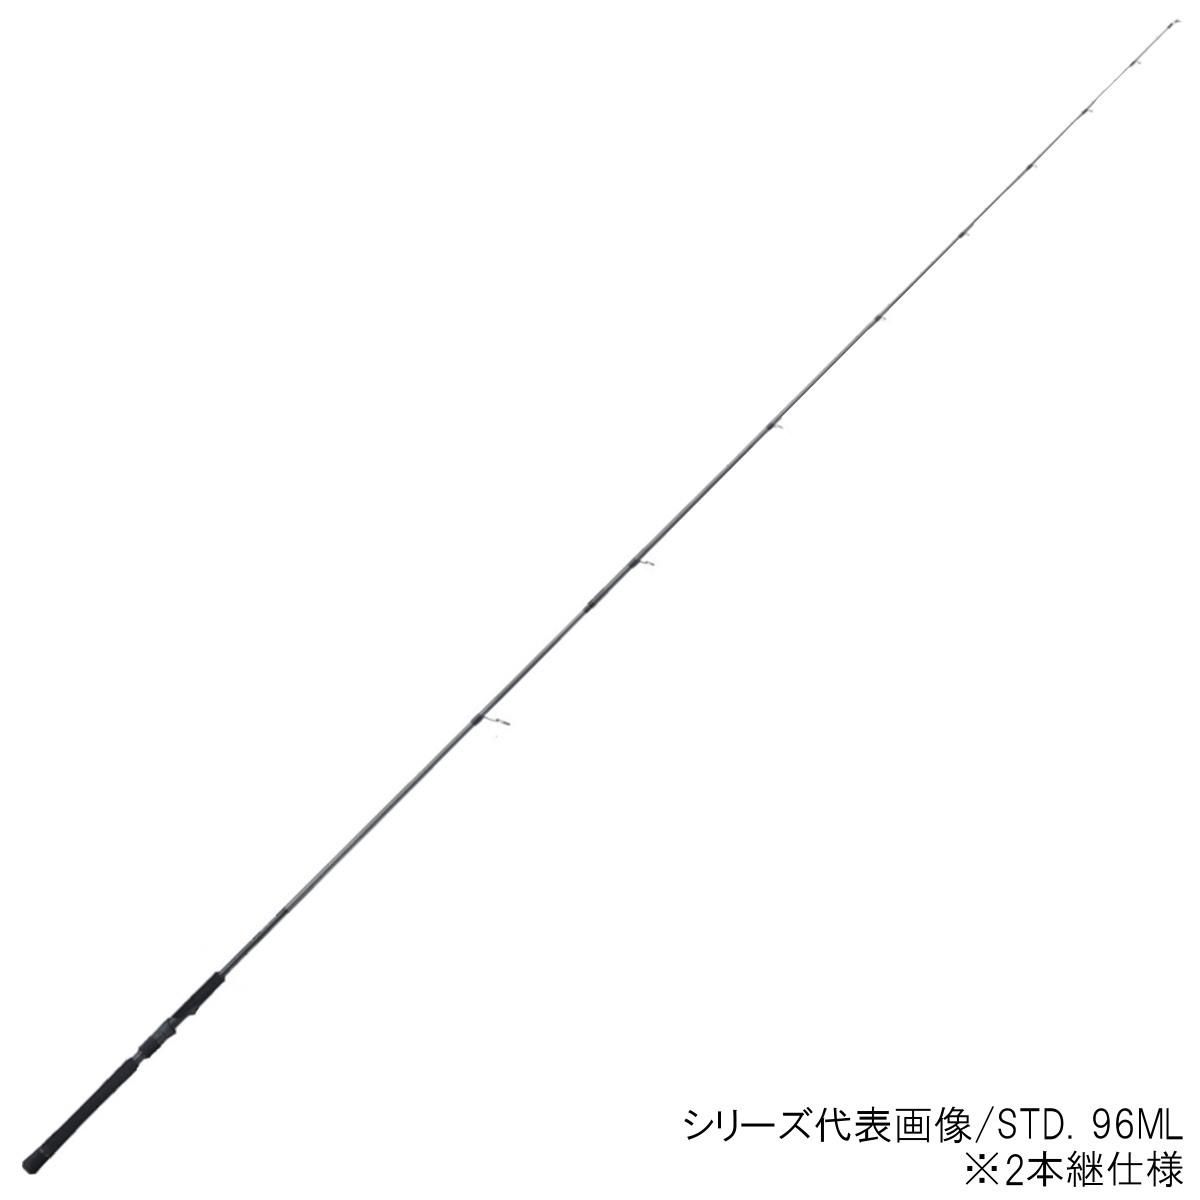 アピア GRANDAGE STD. 90M【送料無料】